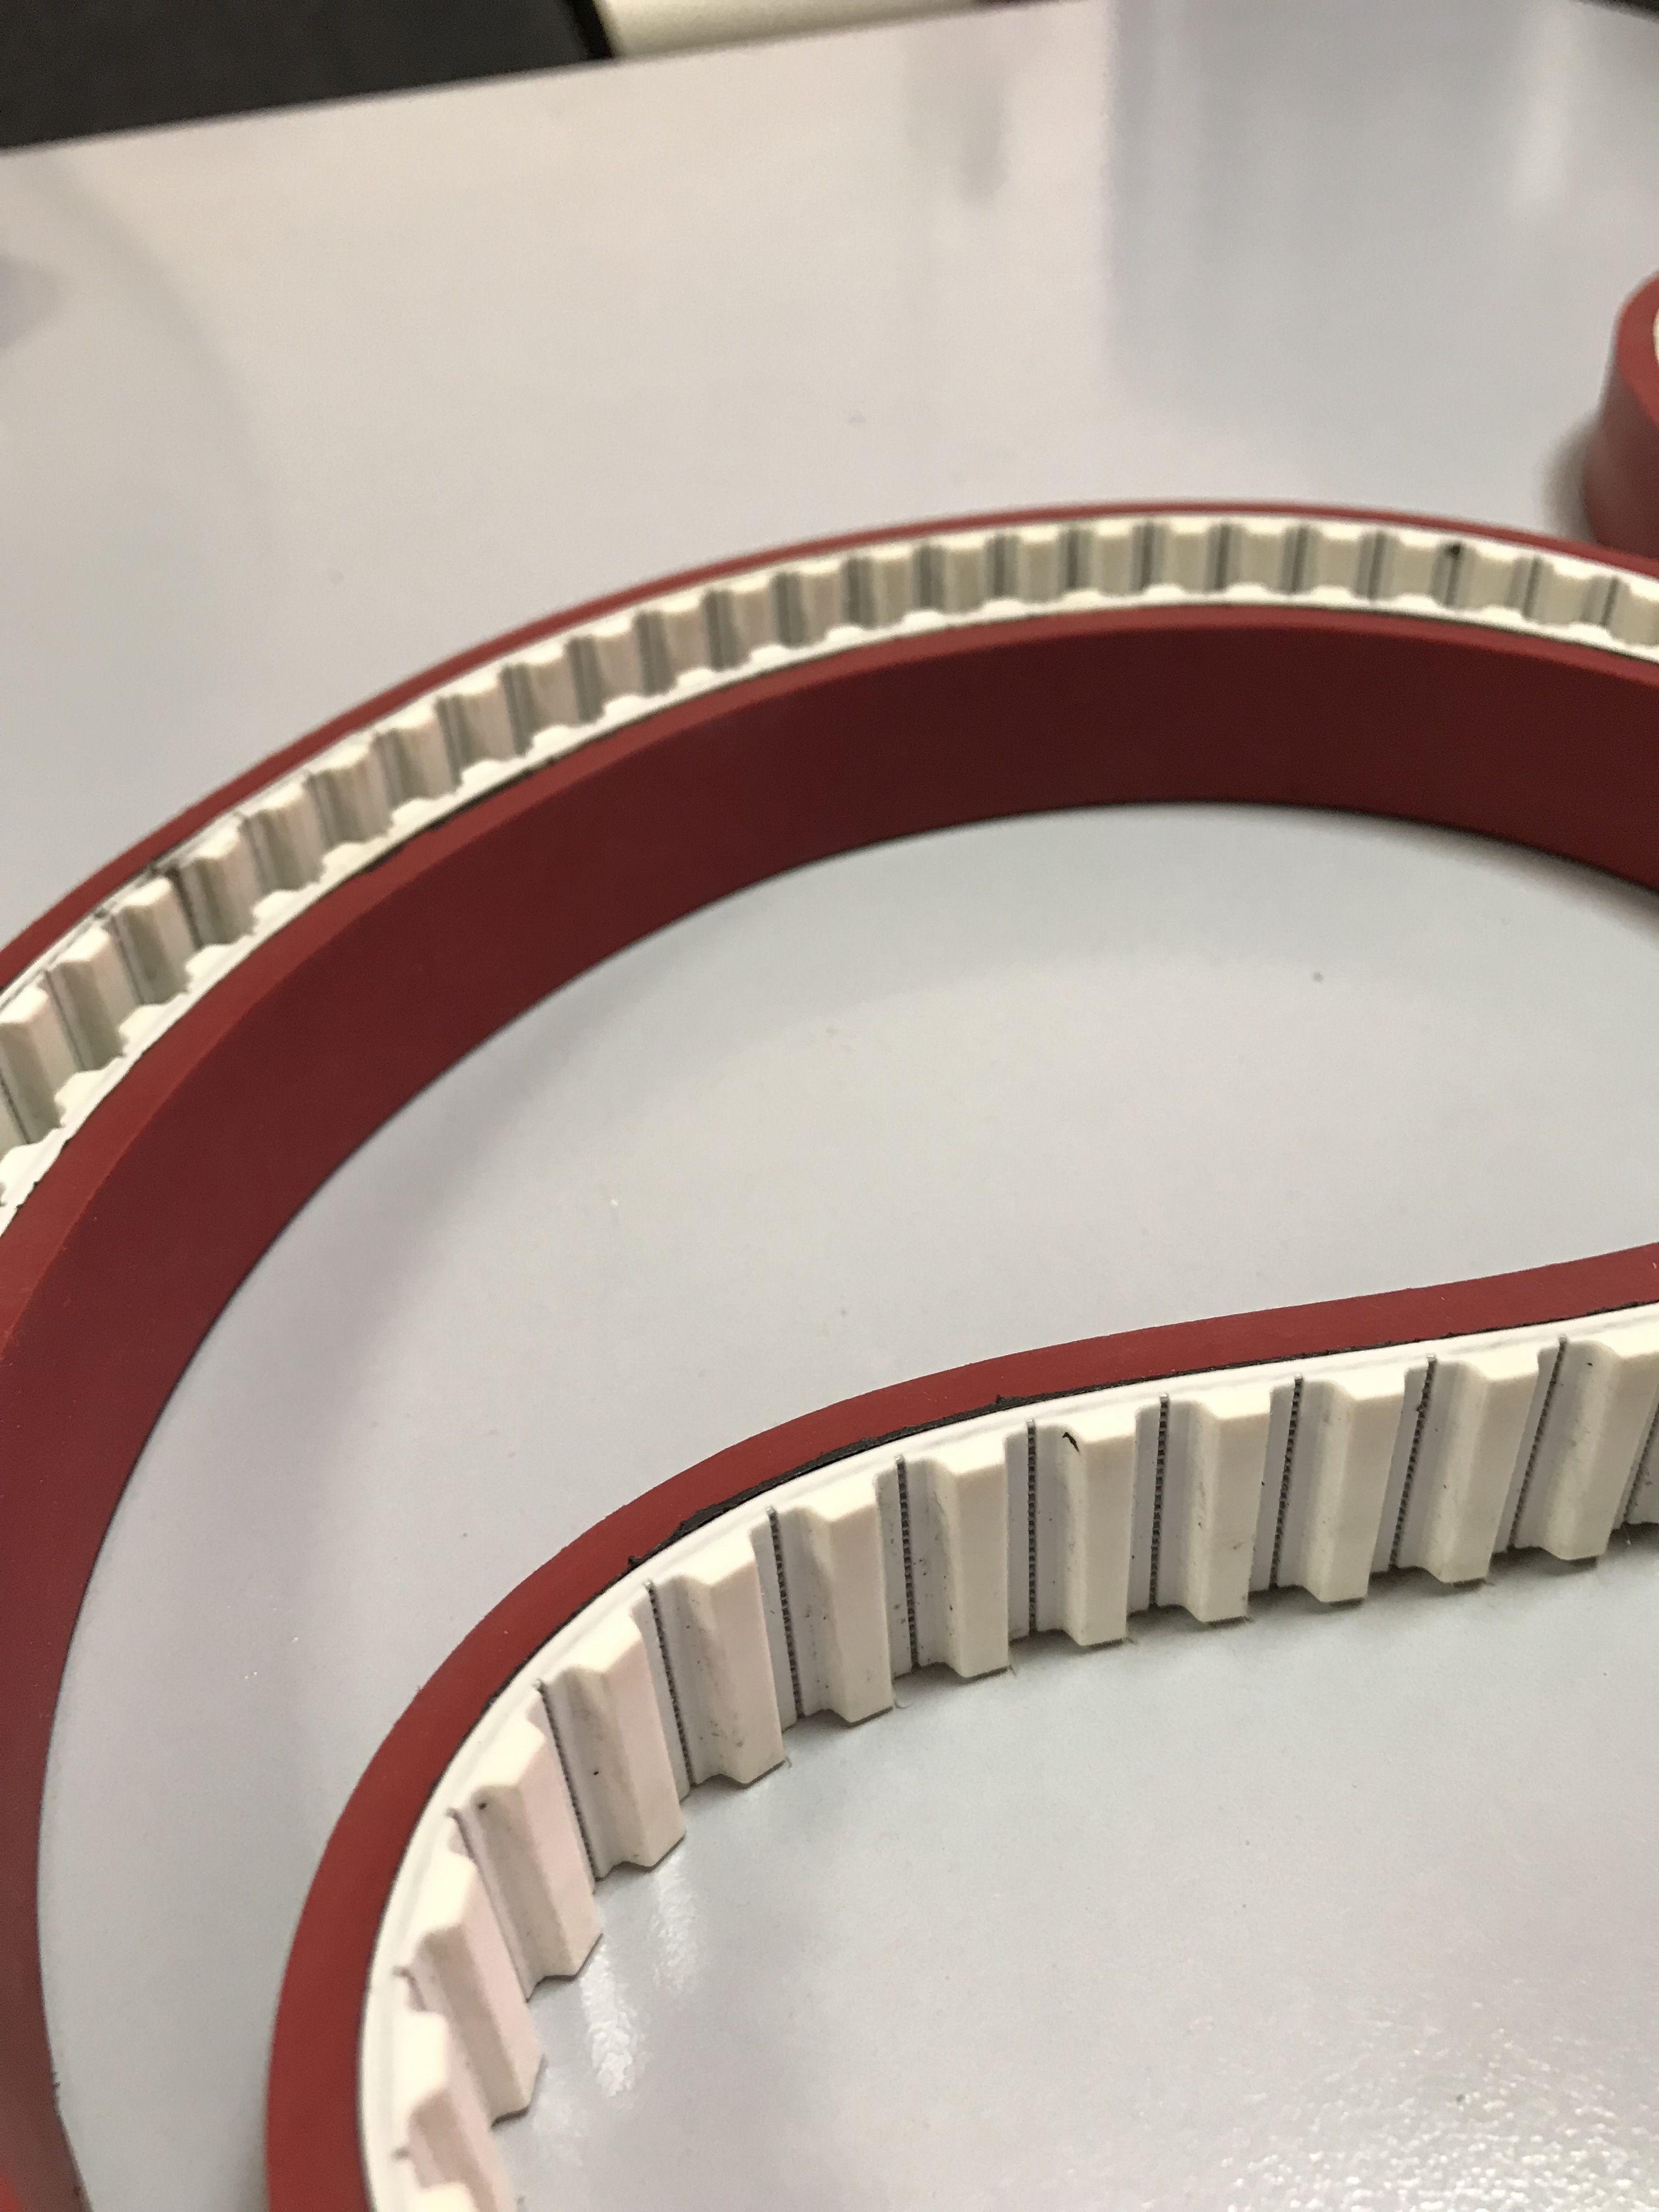 Транспортирующие ремни (с покрытием Linatex) - тяговые ремни